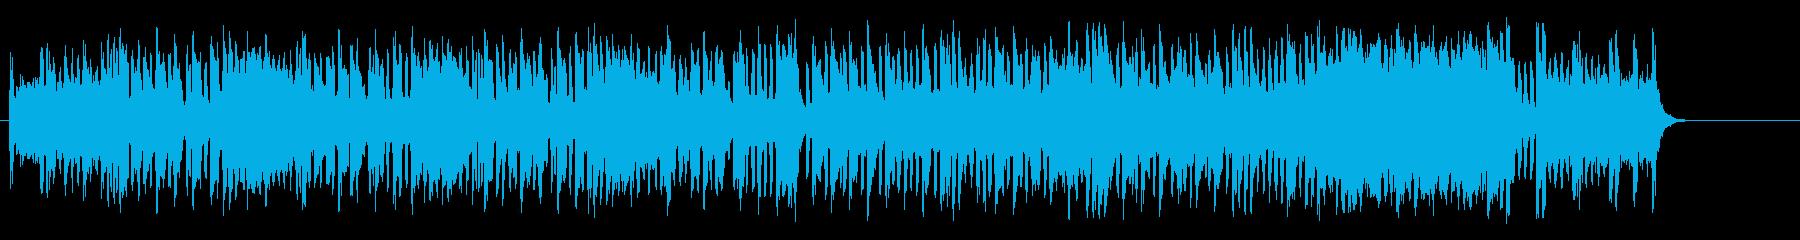 夢が溢れるメルヘンチックなセミクラポップの再生済みの波形